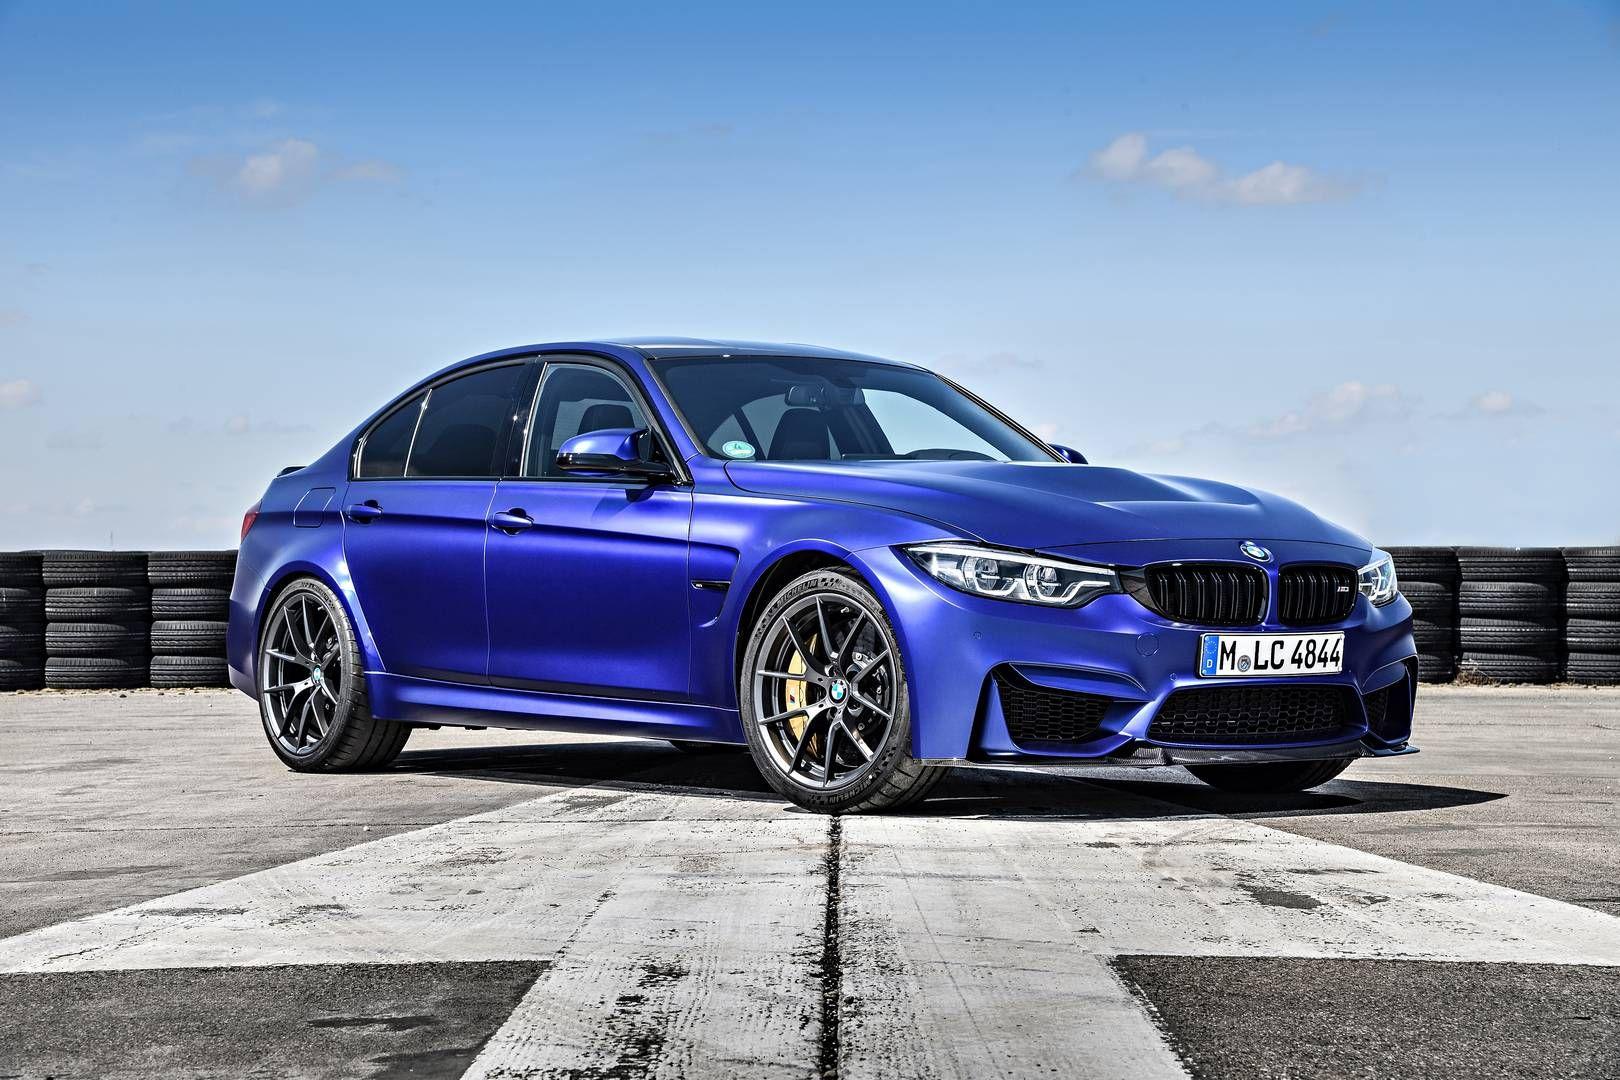 2019 Bmw M3 Cs Review Bmw M3 Best Luxury Sports Car Bmw